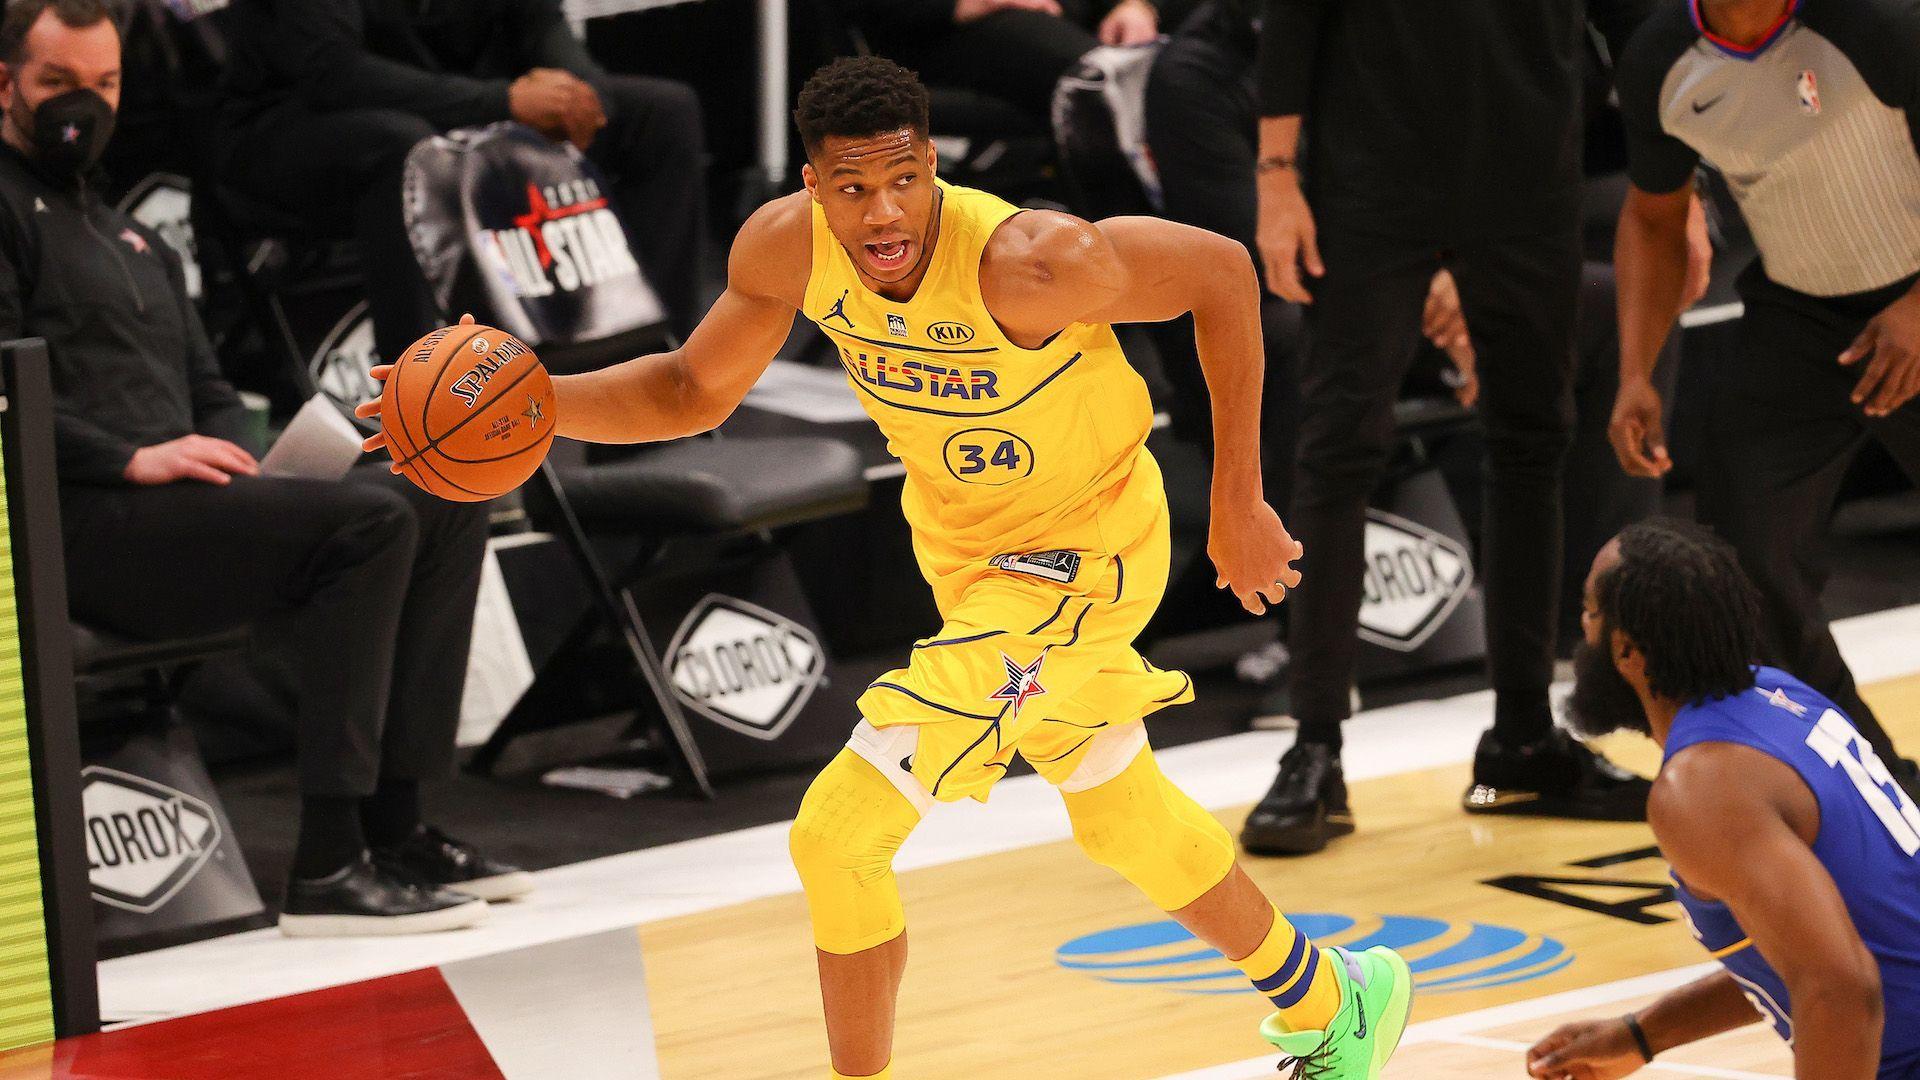 Перфектният Янис засенчи всички в Мача на звездите в НБА